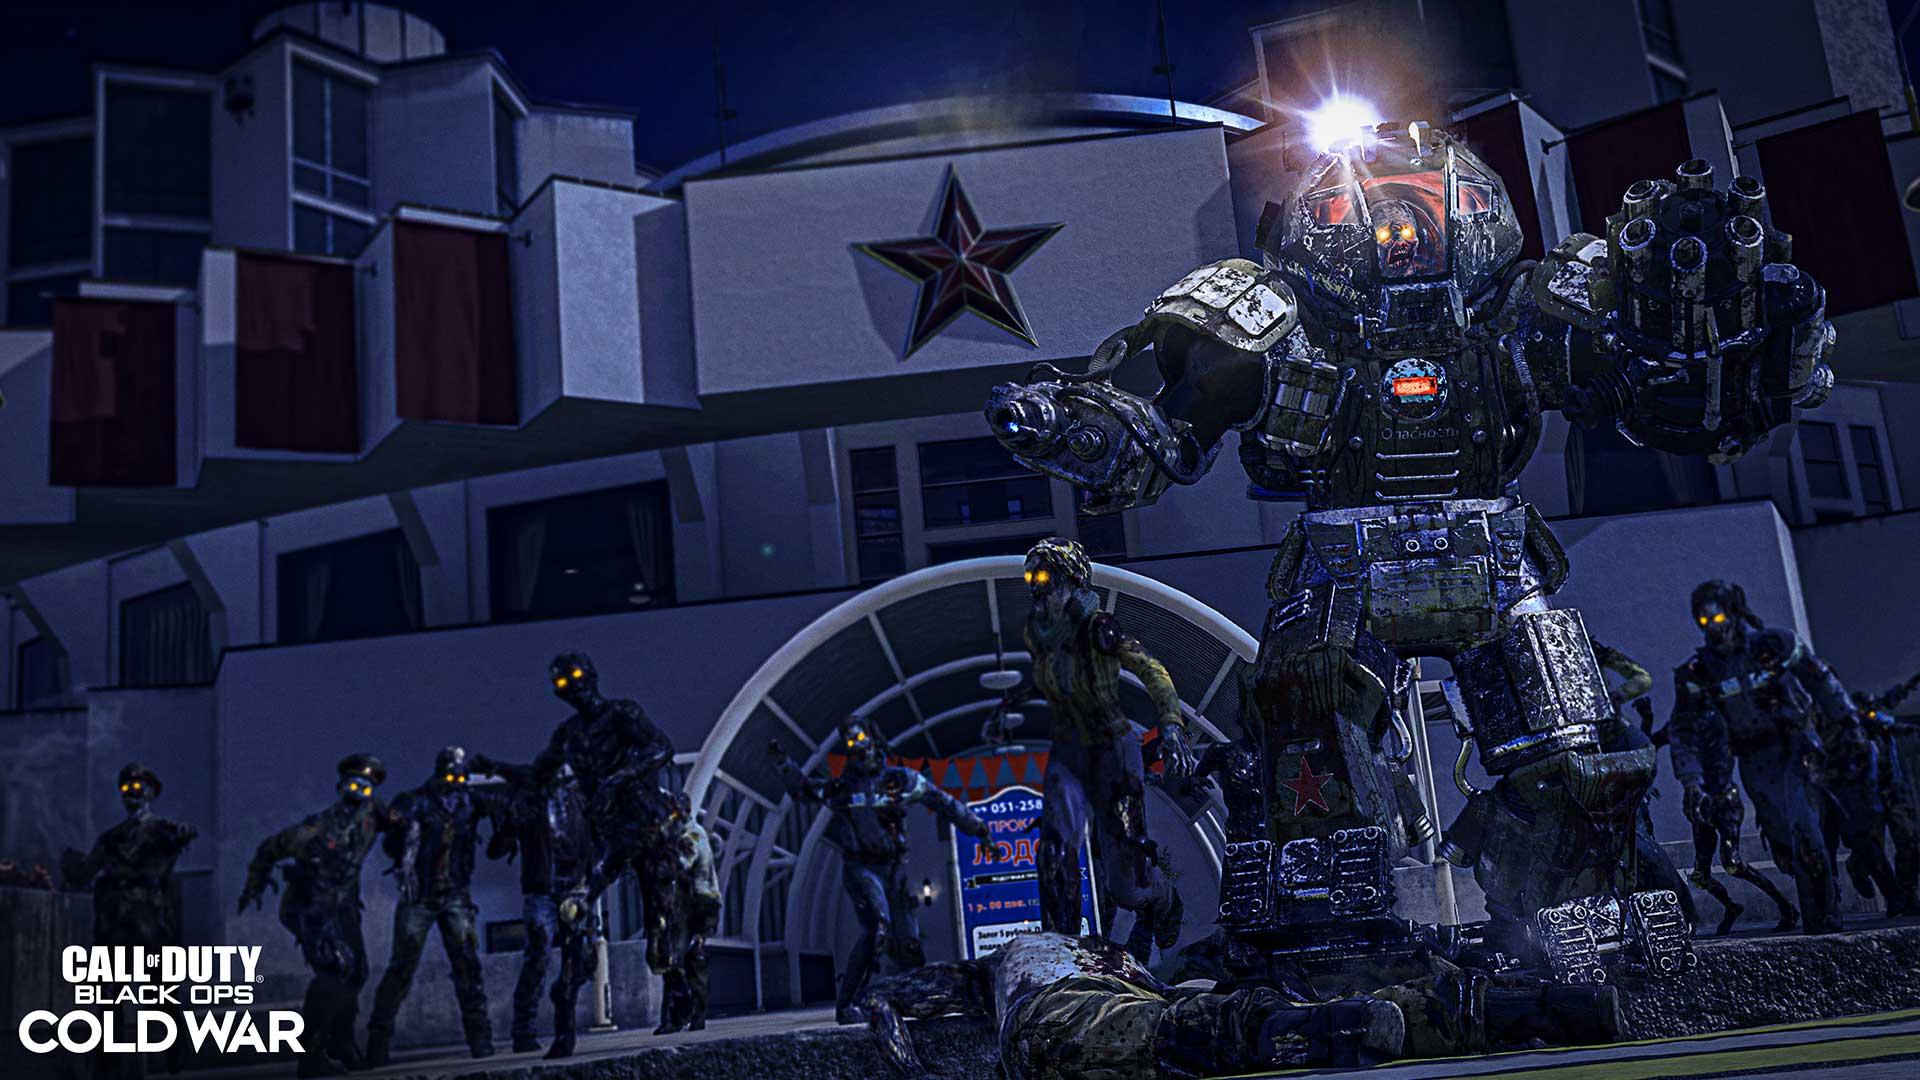 《使命召唤17》第四赛季预告片 介绍了丧尸模式新地图 游戏资讯 第1张